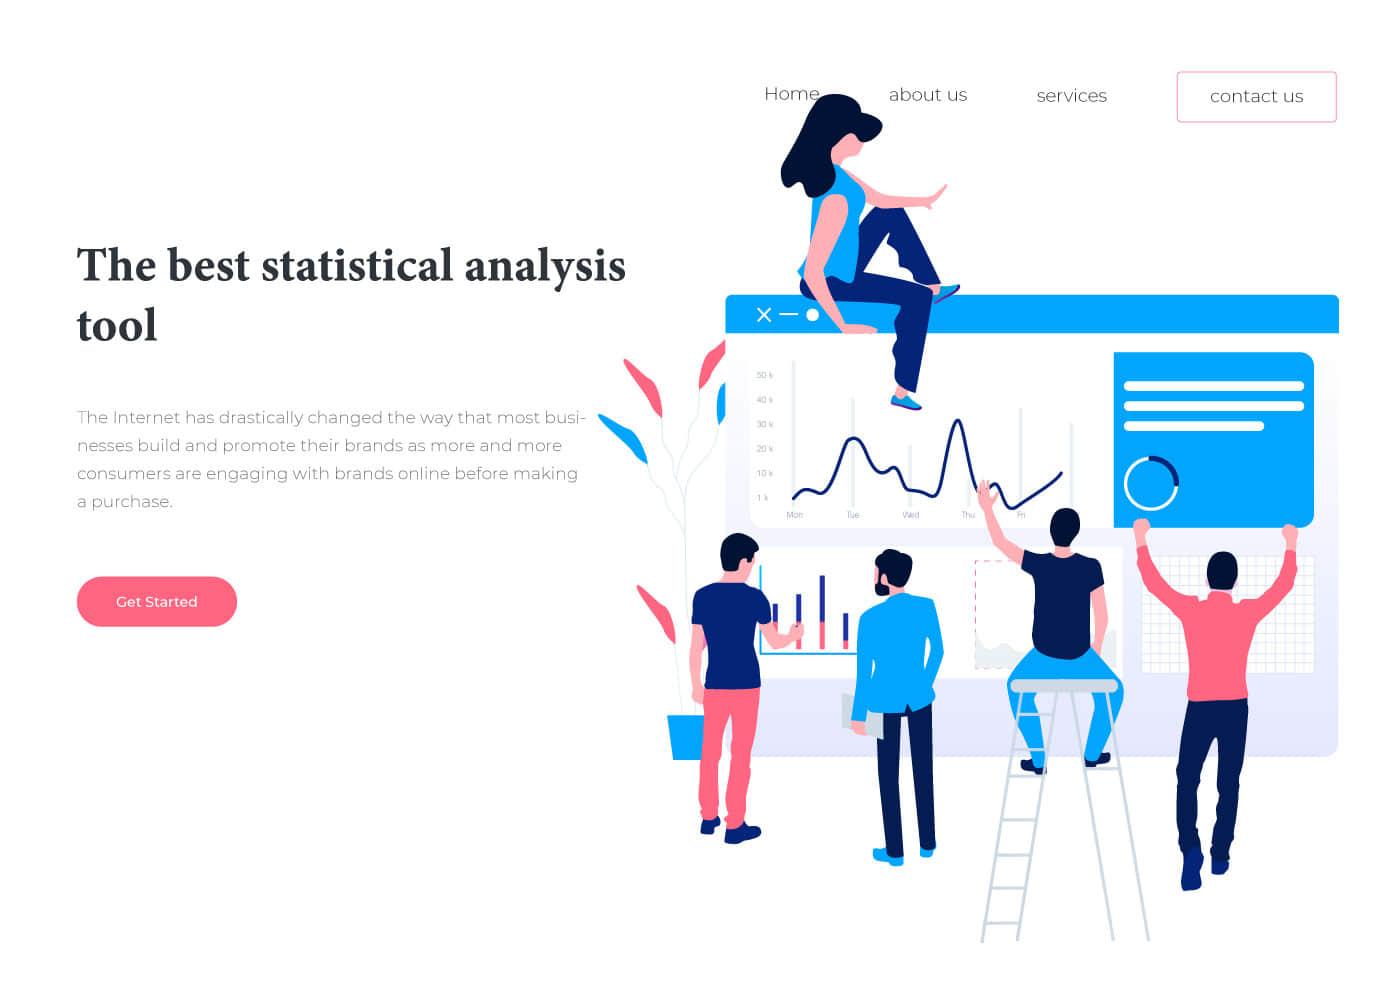 市场营销矢量banner图商业插画AI格式素材UI设计